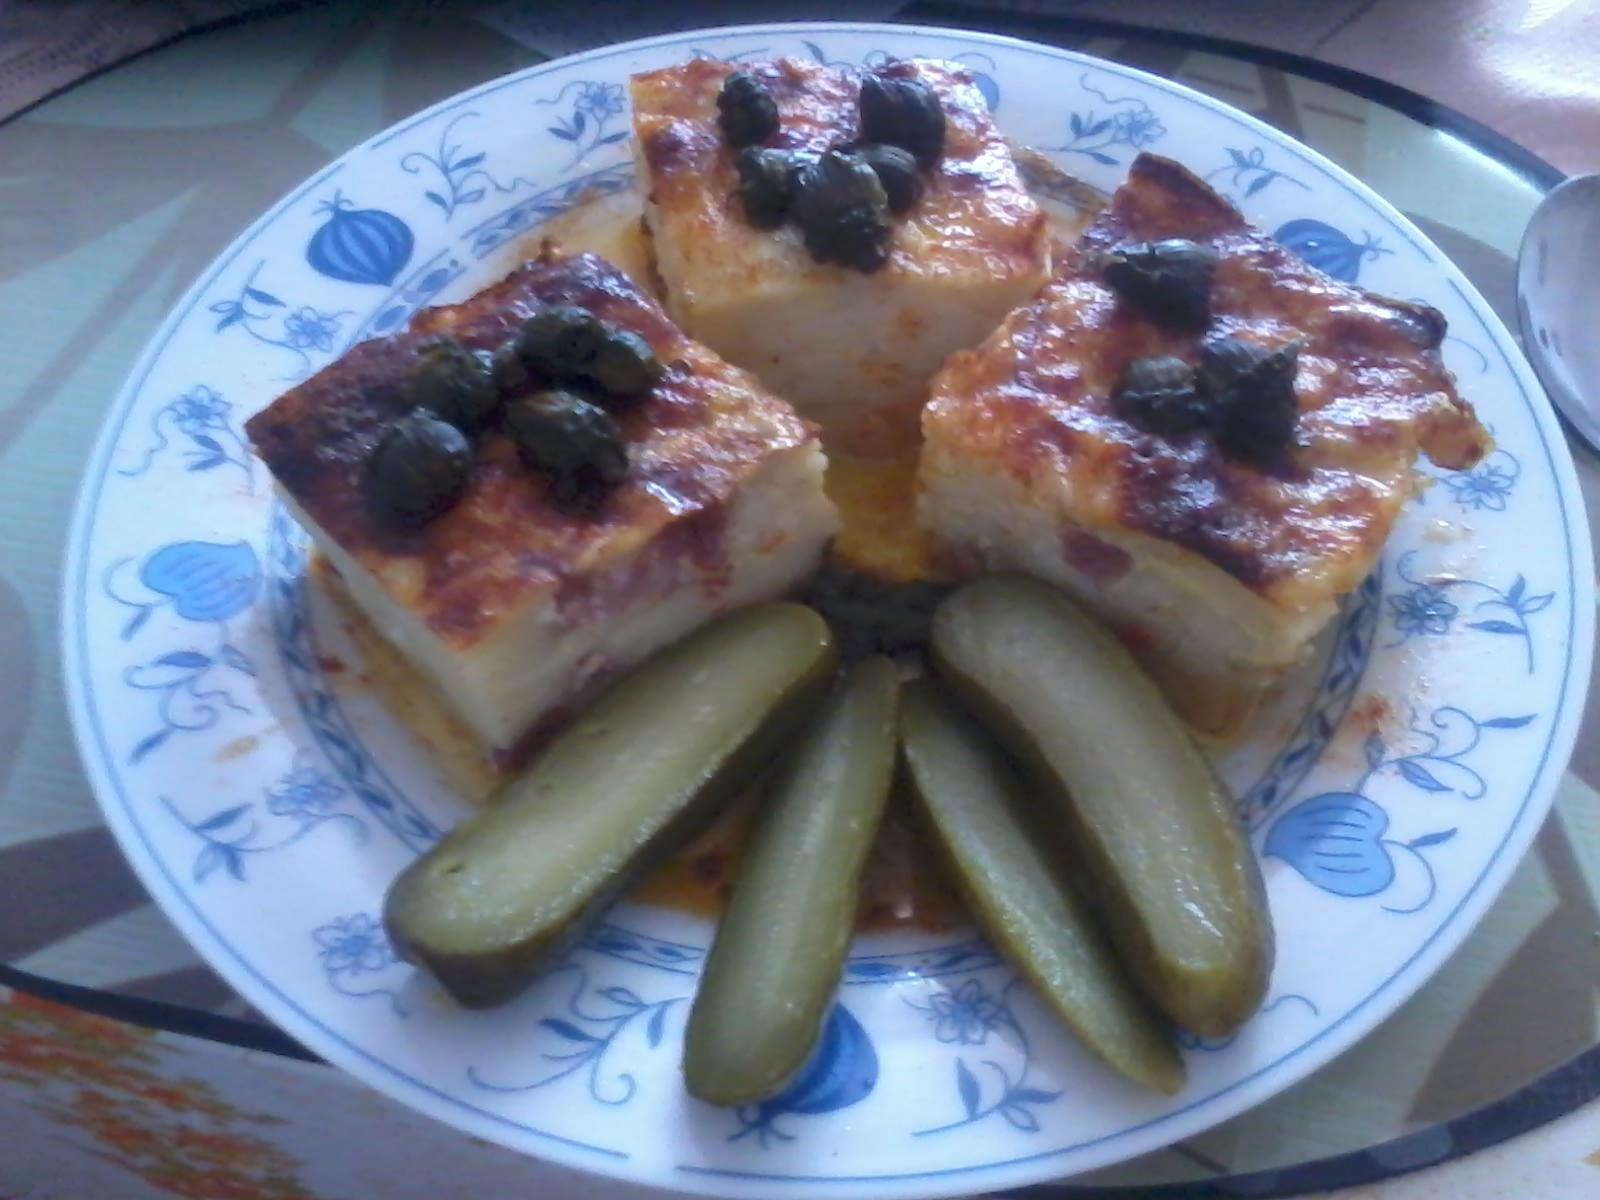 Recept Šunkofleky - Pravé jihočeské šunkofleky pikantní-domácí uzené, zelenina, vejce ušlehané v mléce, chilli, pampeliškové kapari, goja, máslo a okurka kyselá... a bylo to ńamko...